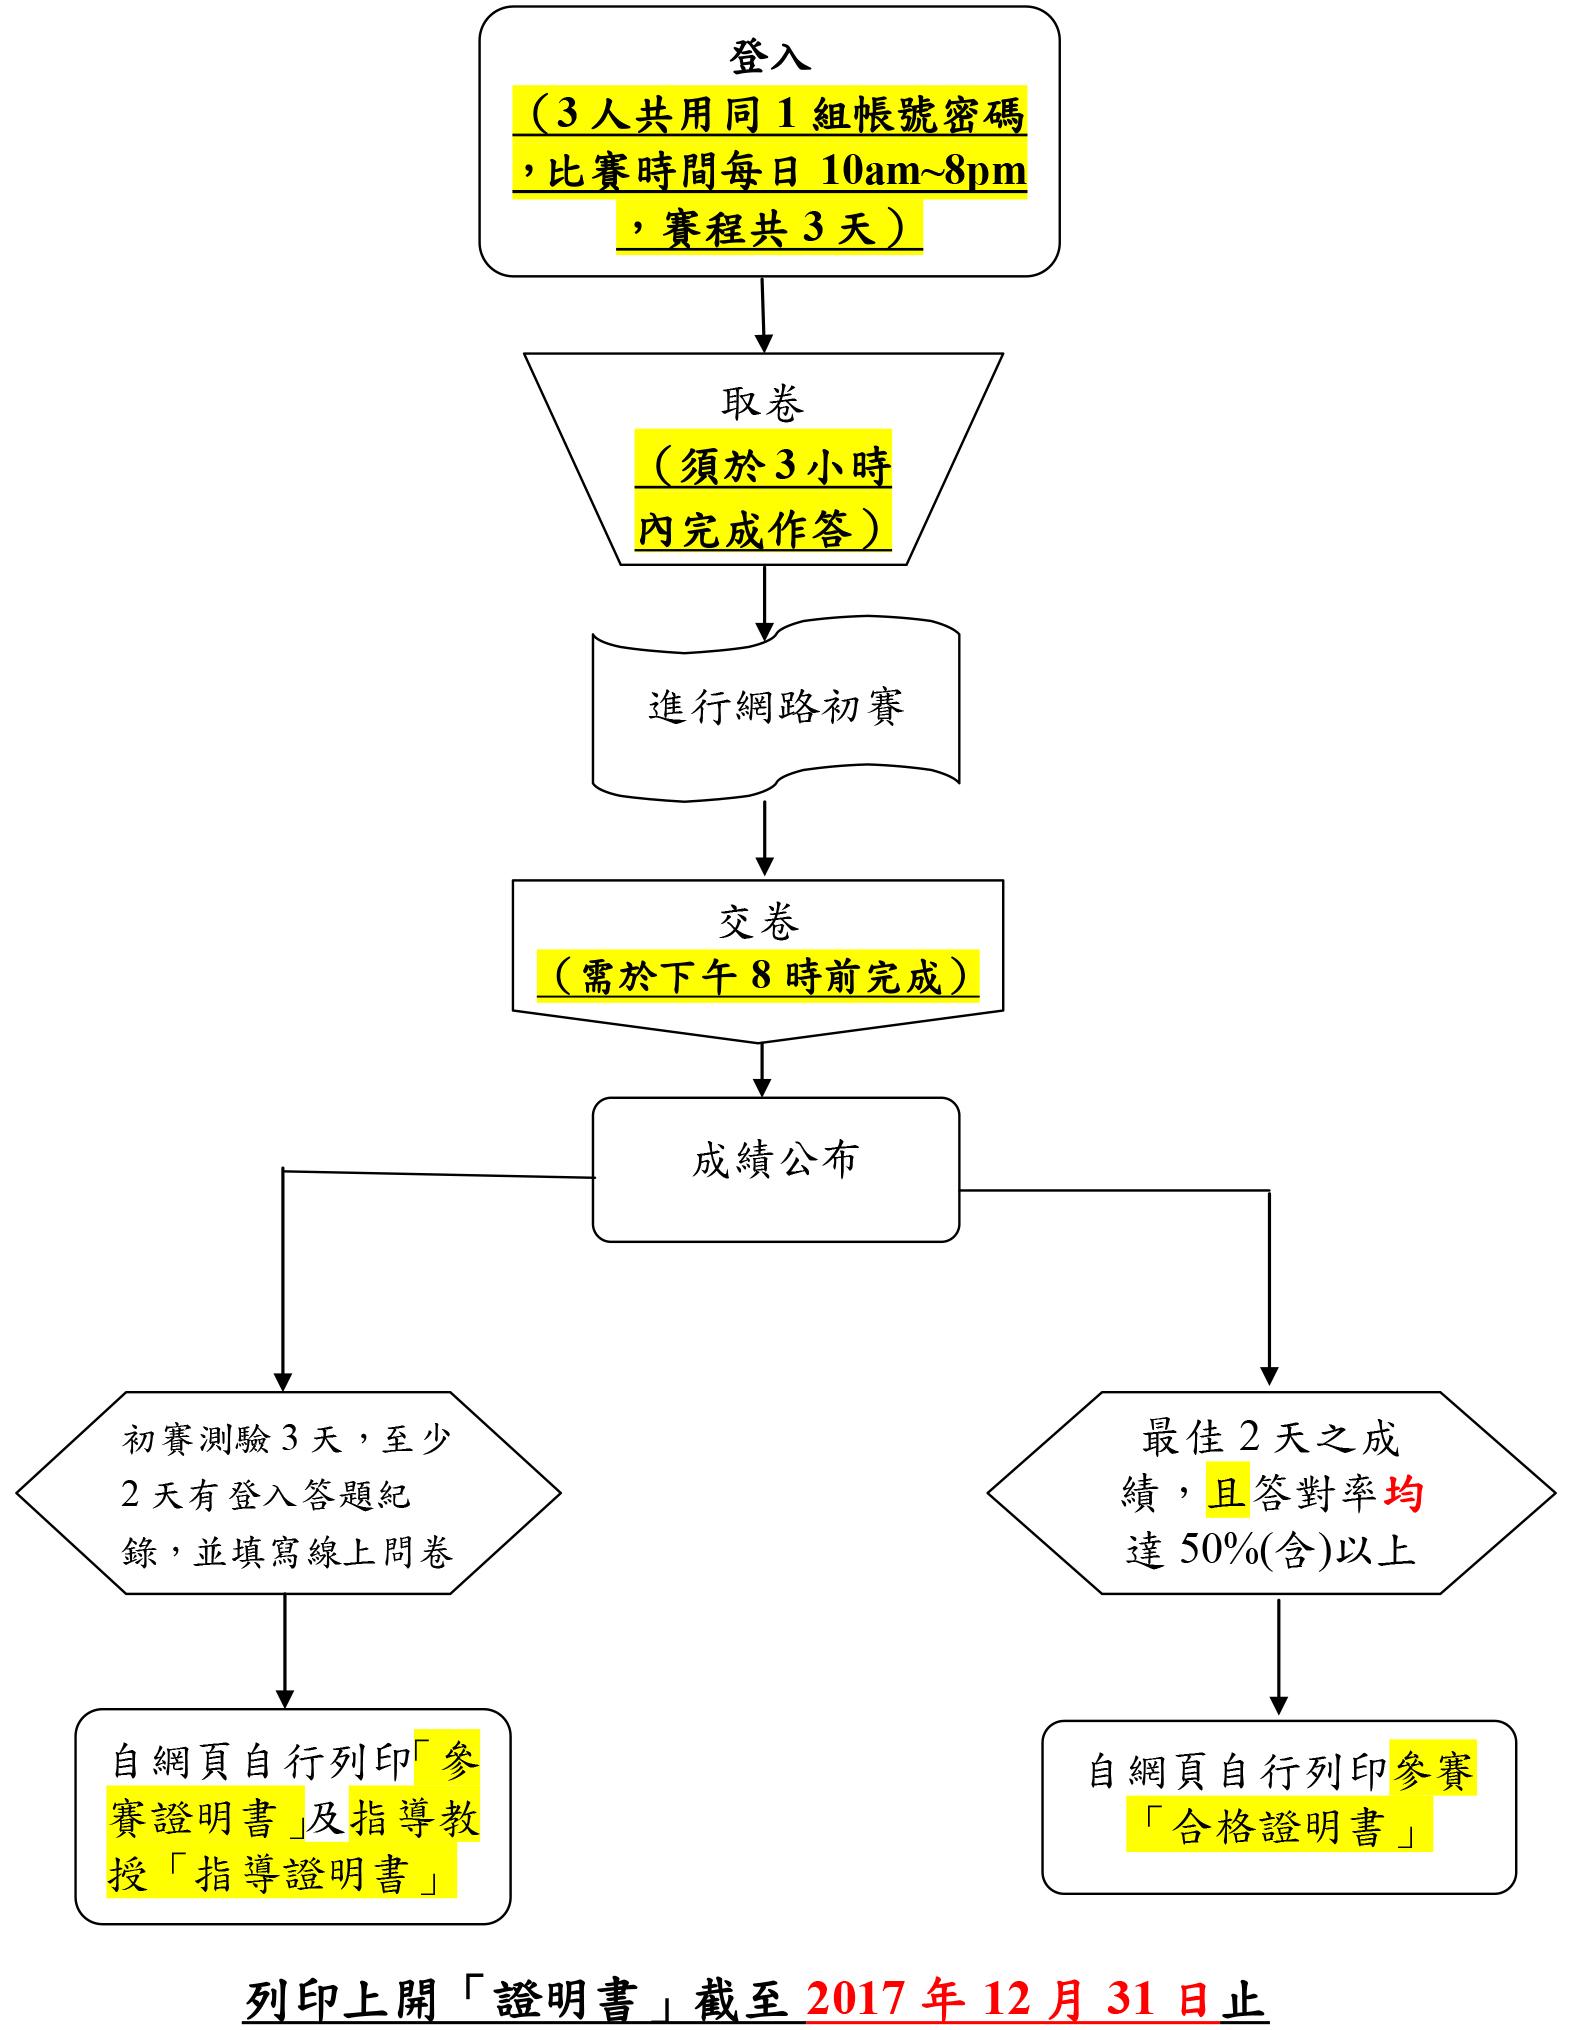 (二)「網路初賽」流程(2017.11.28~30):